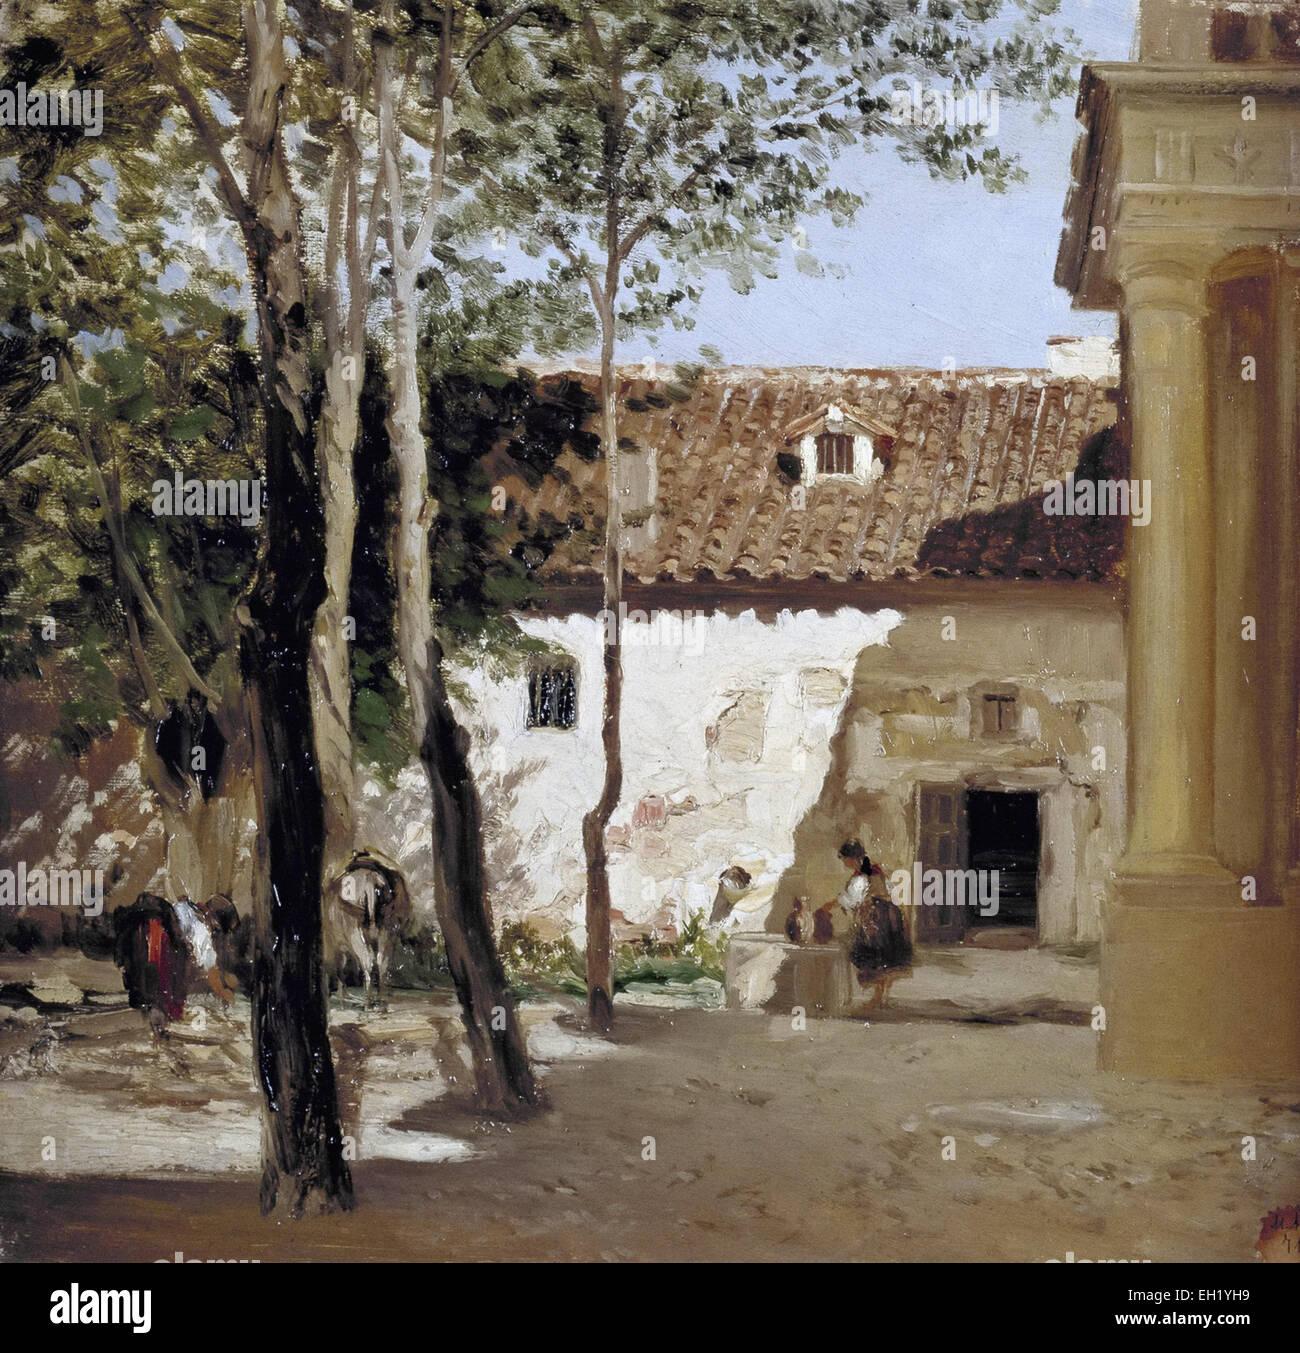 Carlos De Haes Patio Del Monasterio De Piedra